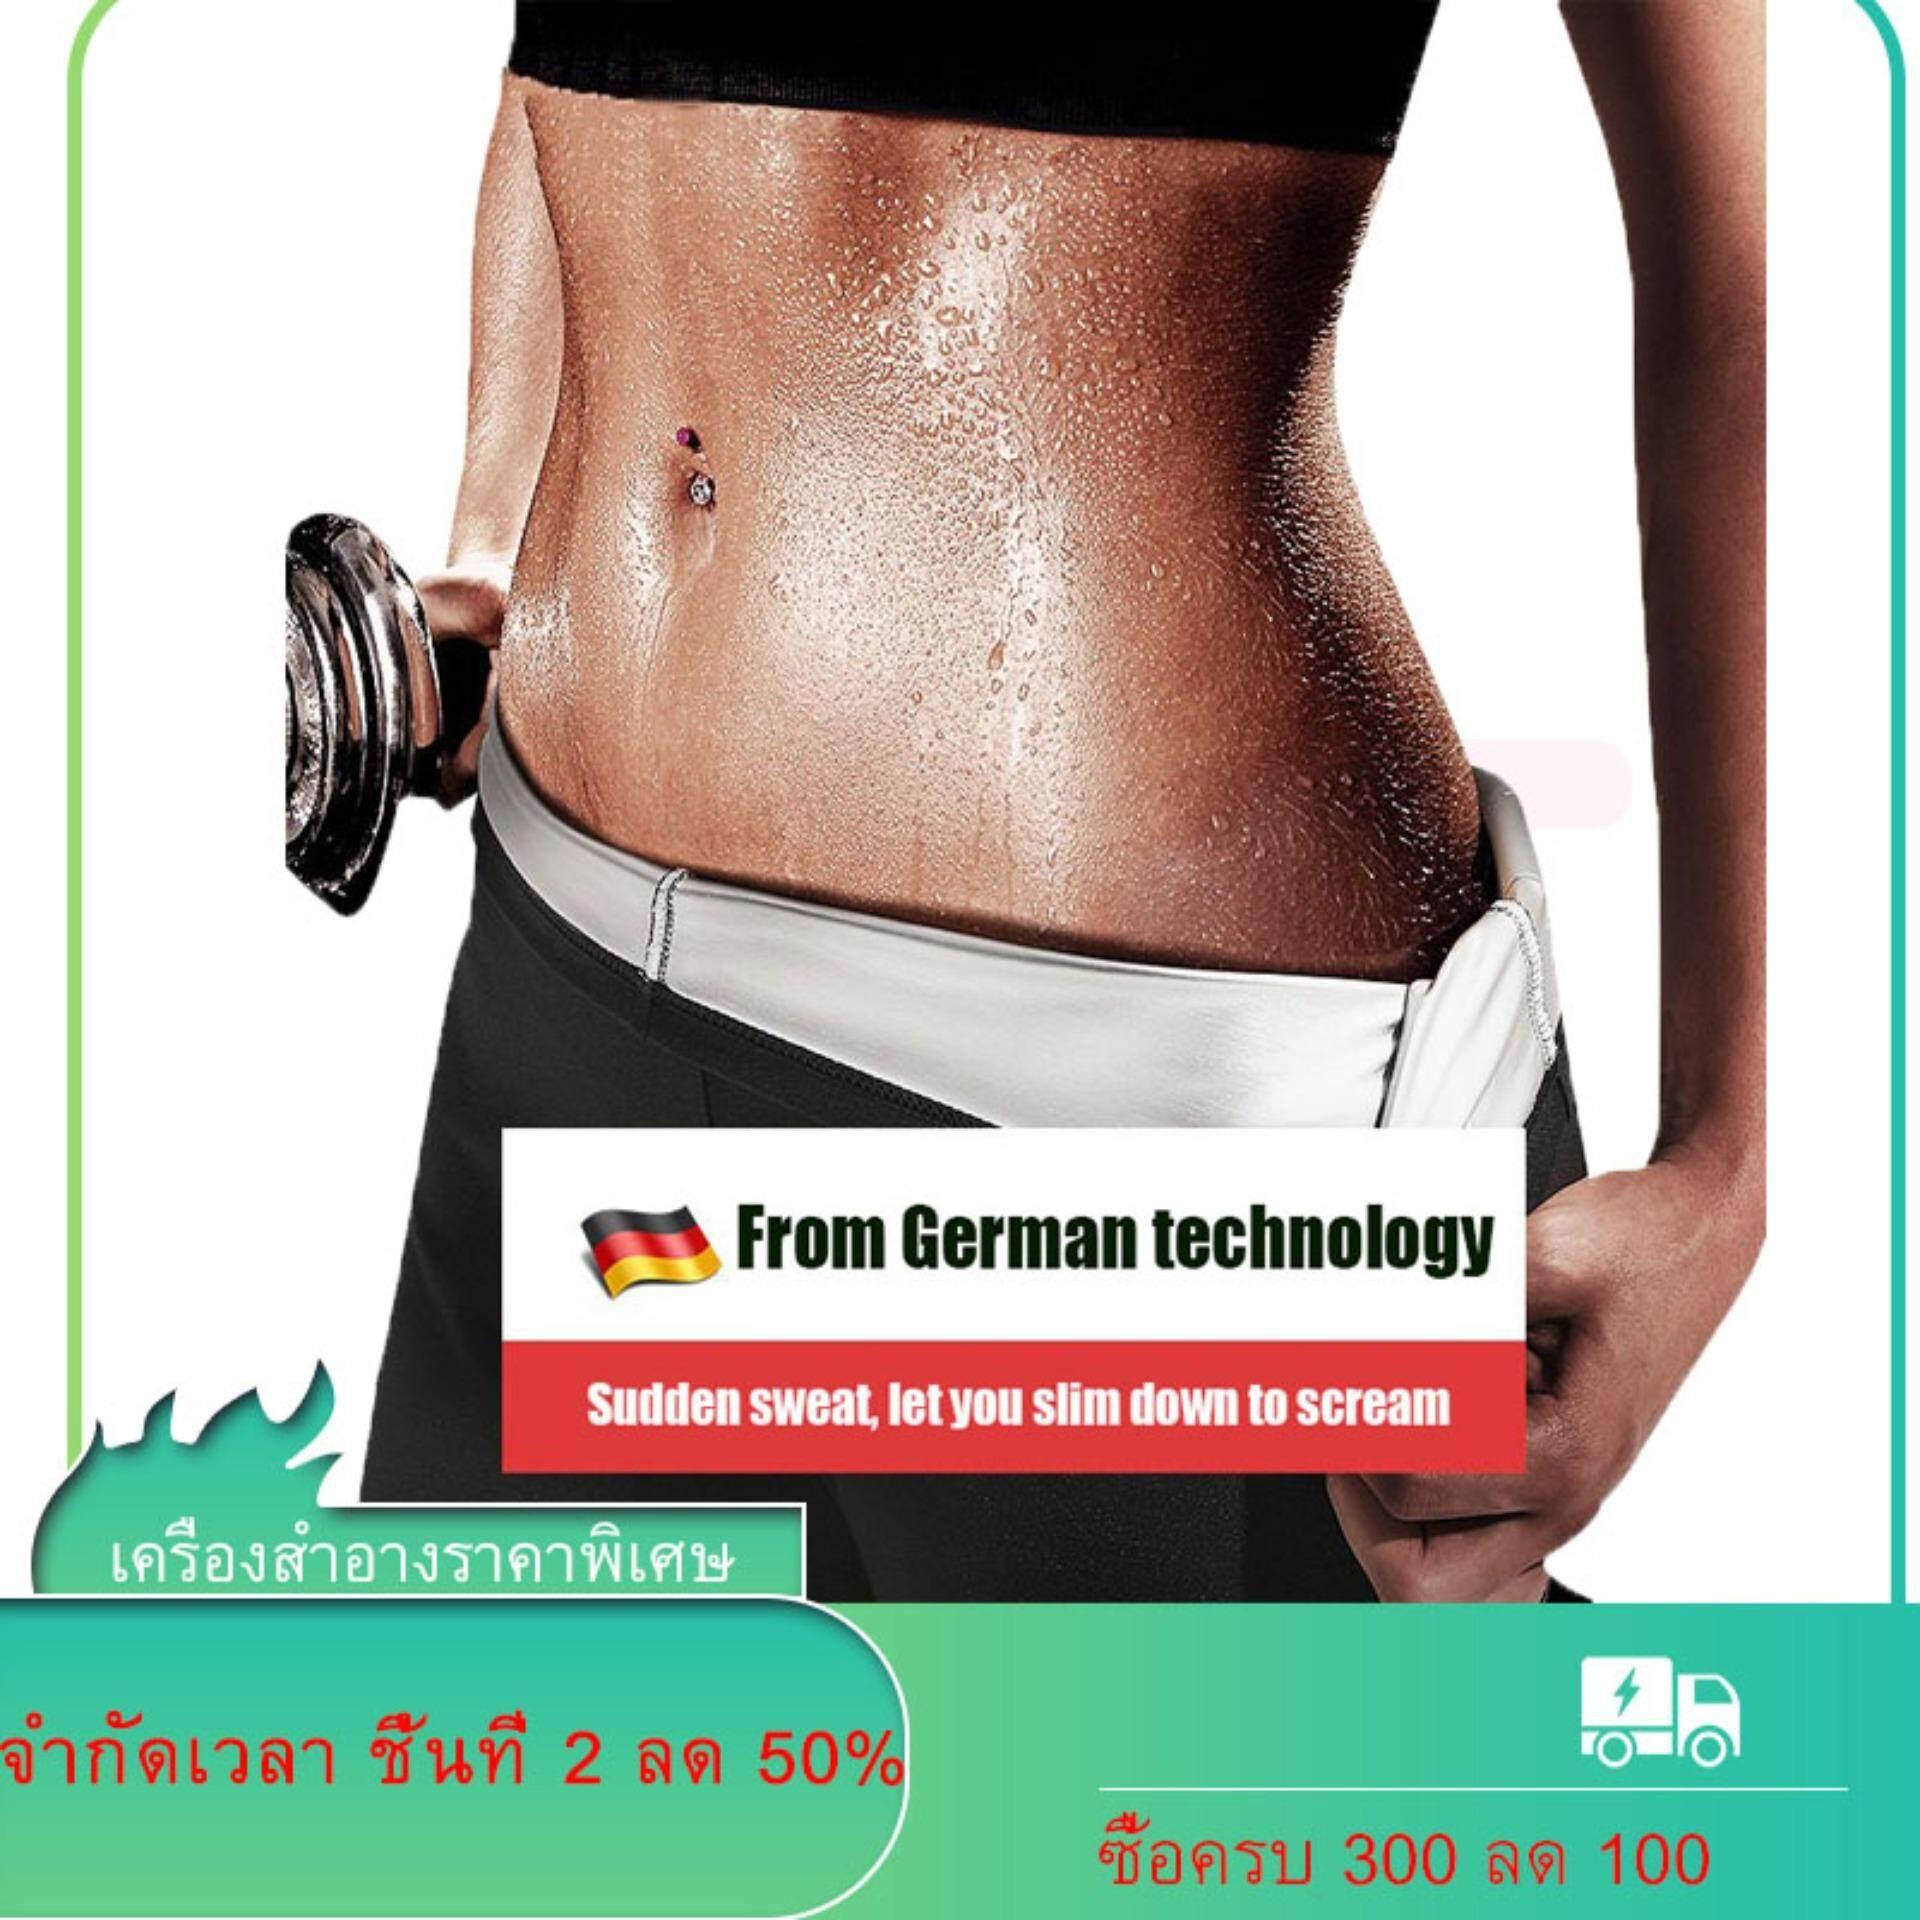 กางเกงเรียกเหงื่อ Hot Shapers ลดสัดส่วน ใส่สบาย กางเกงรีดเหงื่อสำหรับออกกำลังกาย รีดไขมัน ขับเหงื่อได้ดี เร่งการเผาผลาญให้กับร่างกาย ลดต้นขา ถักทอด้วยเส้นใย Neotex สวมใส่ขณะออกกำลังกายทำให้ได้ผลดีขึ้น สามารถใส่เป็นชุดกระชับ แท้มีประกัน By Horse01.